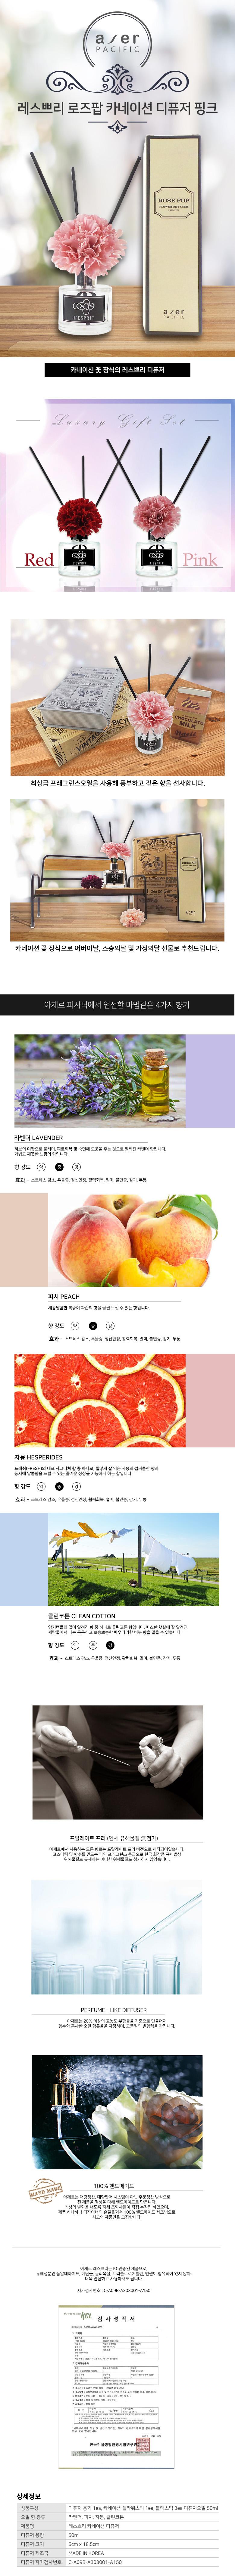 레스쁘리 디퓨저 카네이션-핑크50ml - 올투그린, 7,500원, 디퓨져, 디퓨져